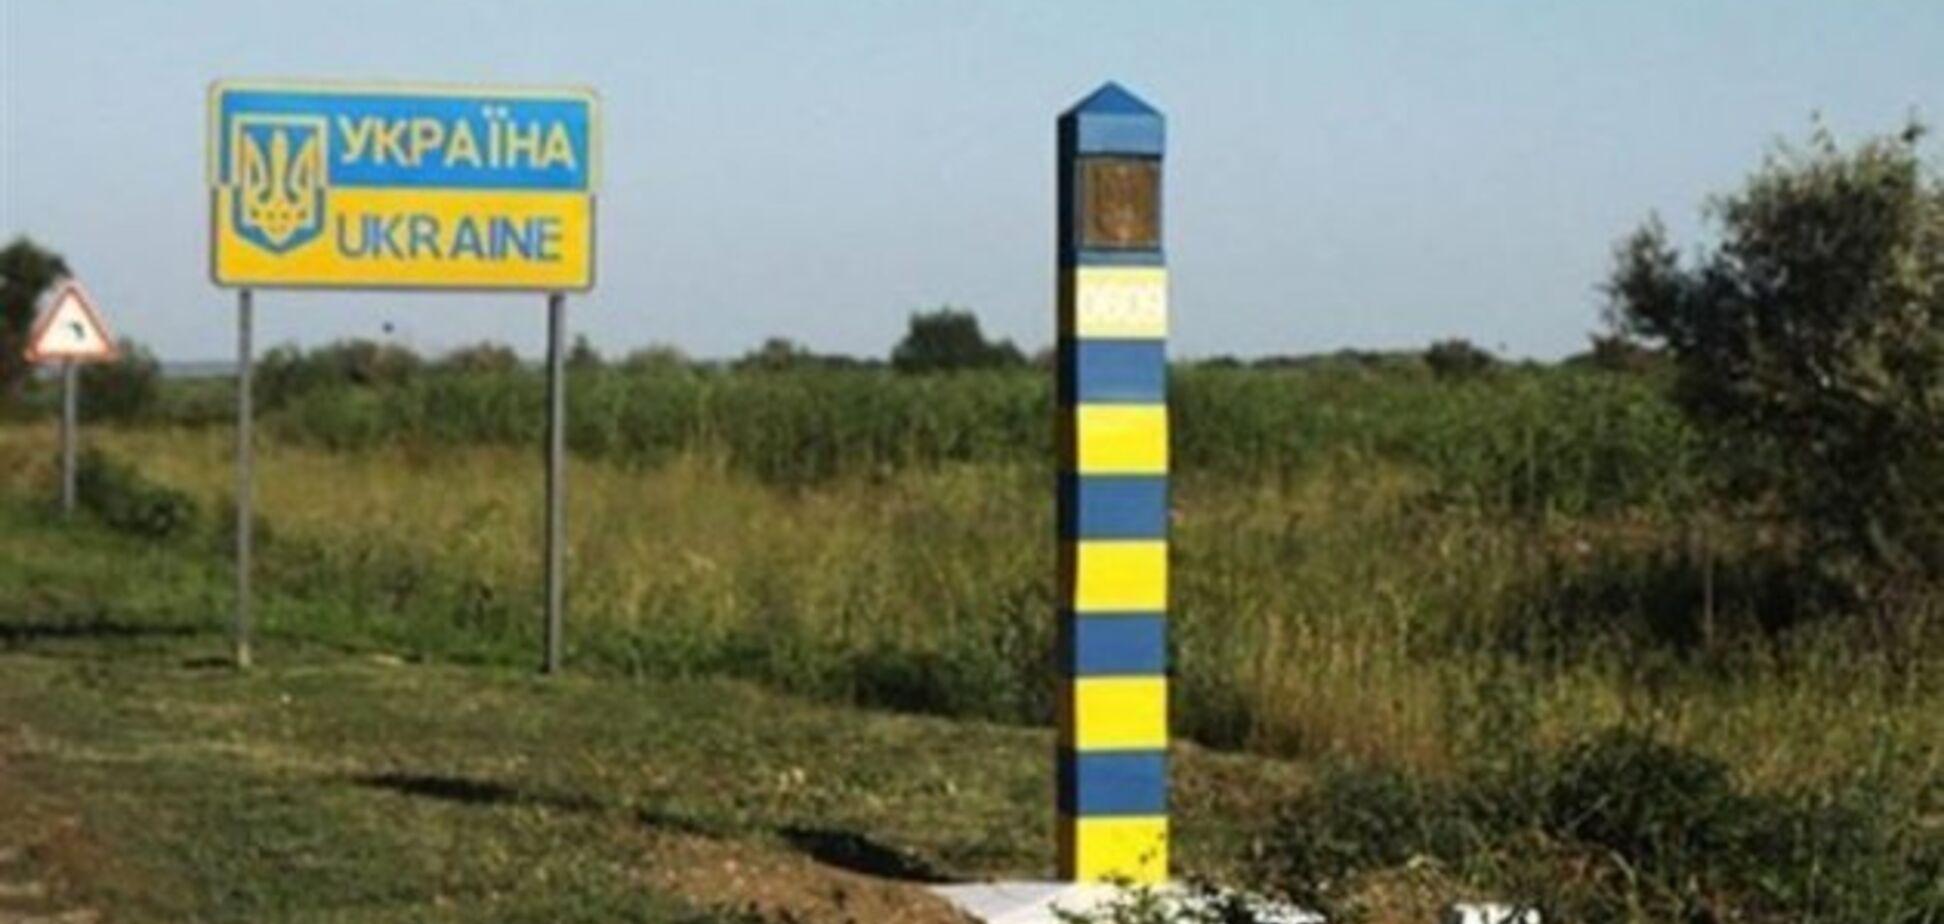 В одній із областей України задумали позбутися районів: що трапилося